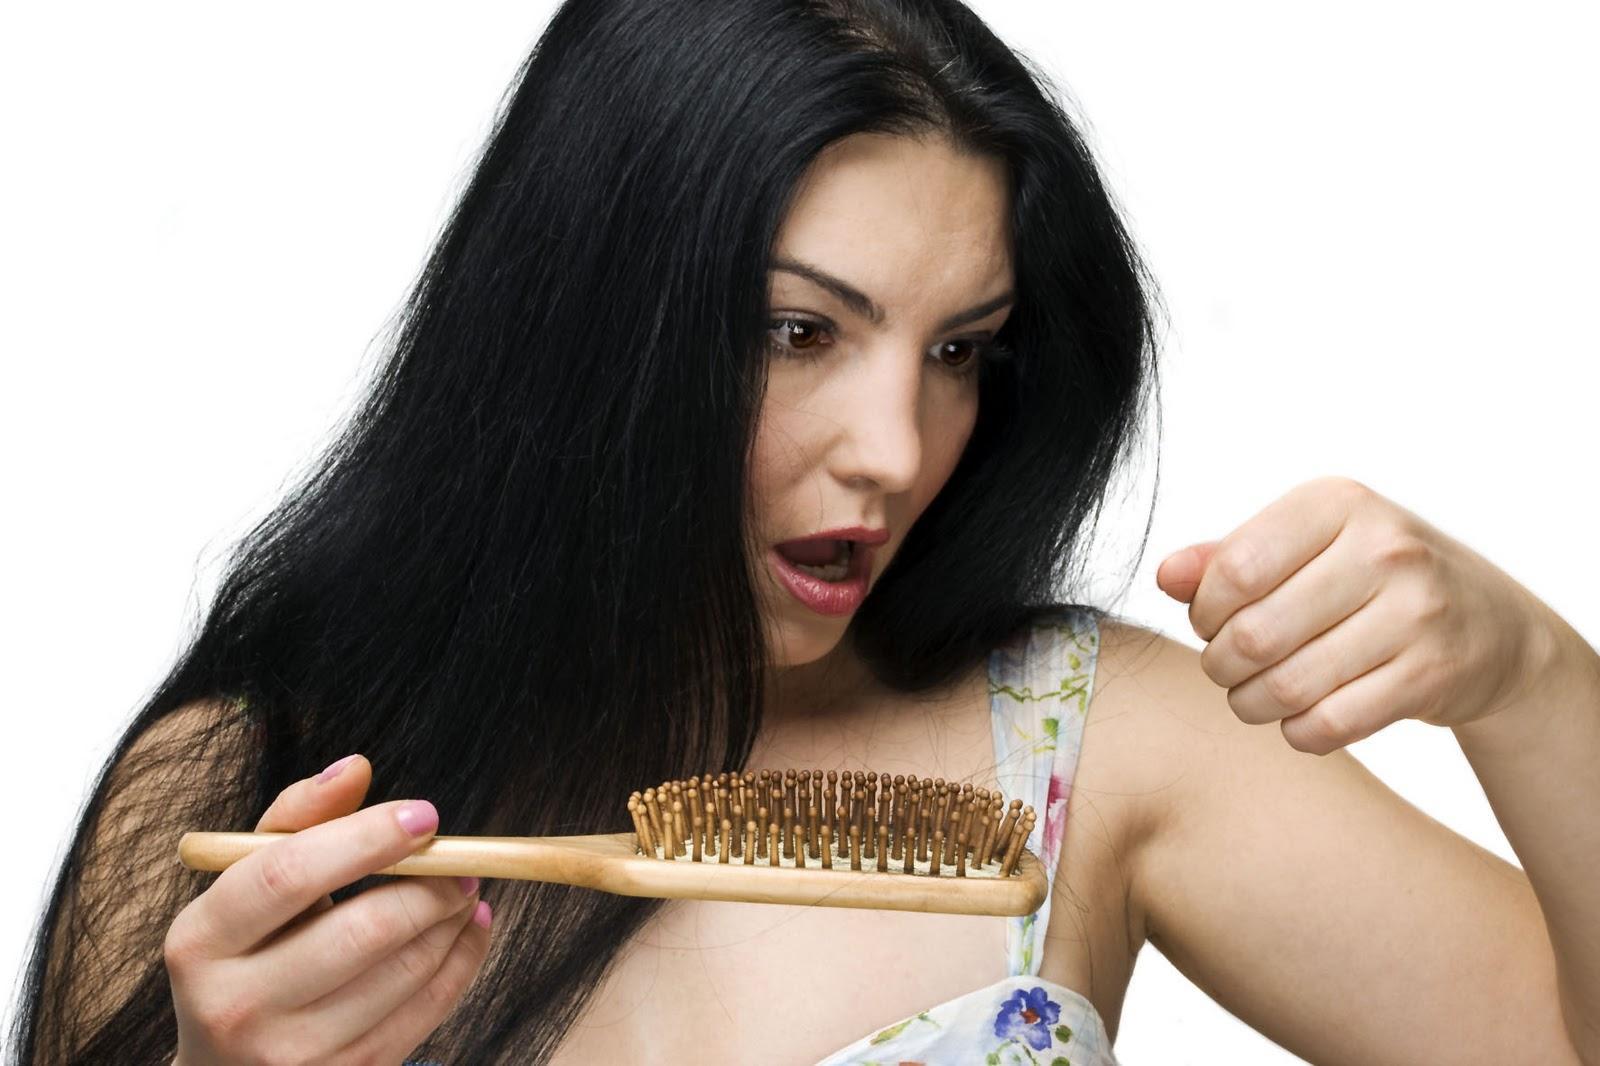 Mulheres também sofrem com queda de cabelo (Foto: M de Mulher/Abril)